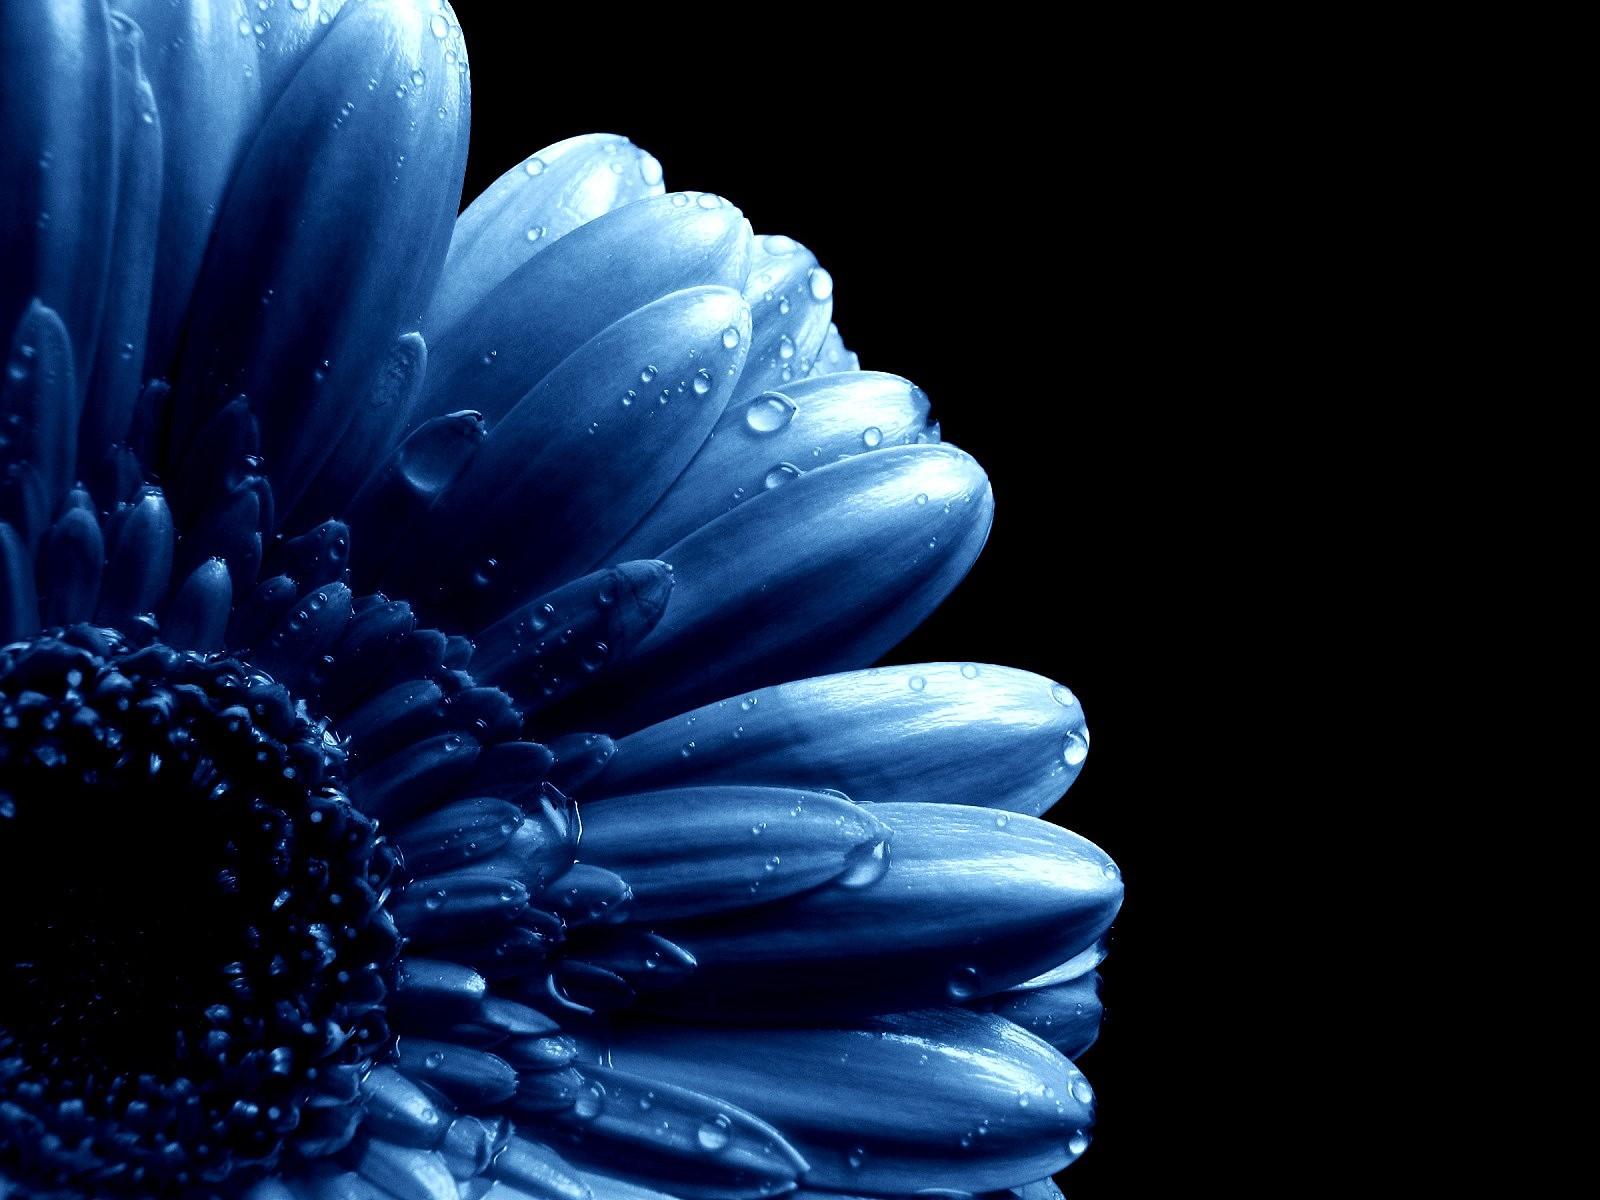 Hd flower wallpapers 1080p for desktop ImageBankbiz 1600x1200